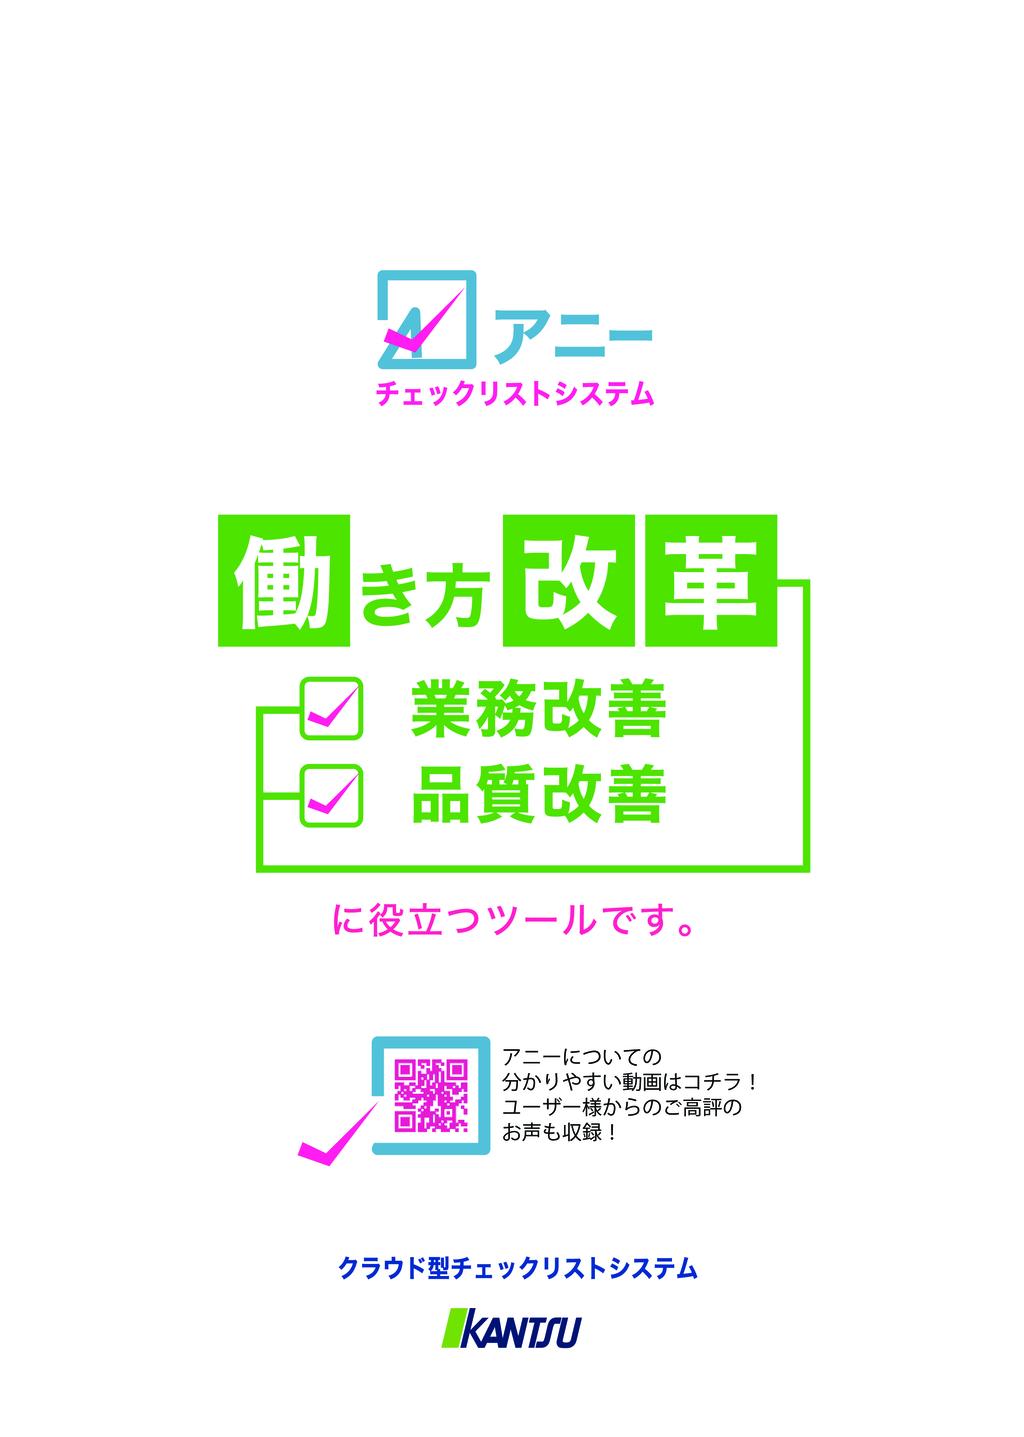 チェックリスト型のマニュアル作成クラウドツール【アニー】の資料